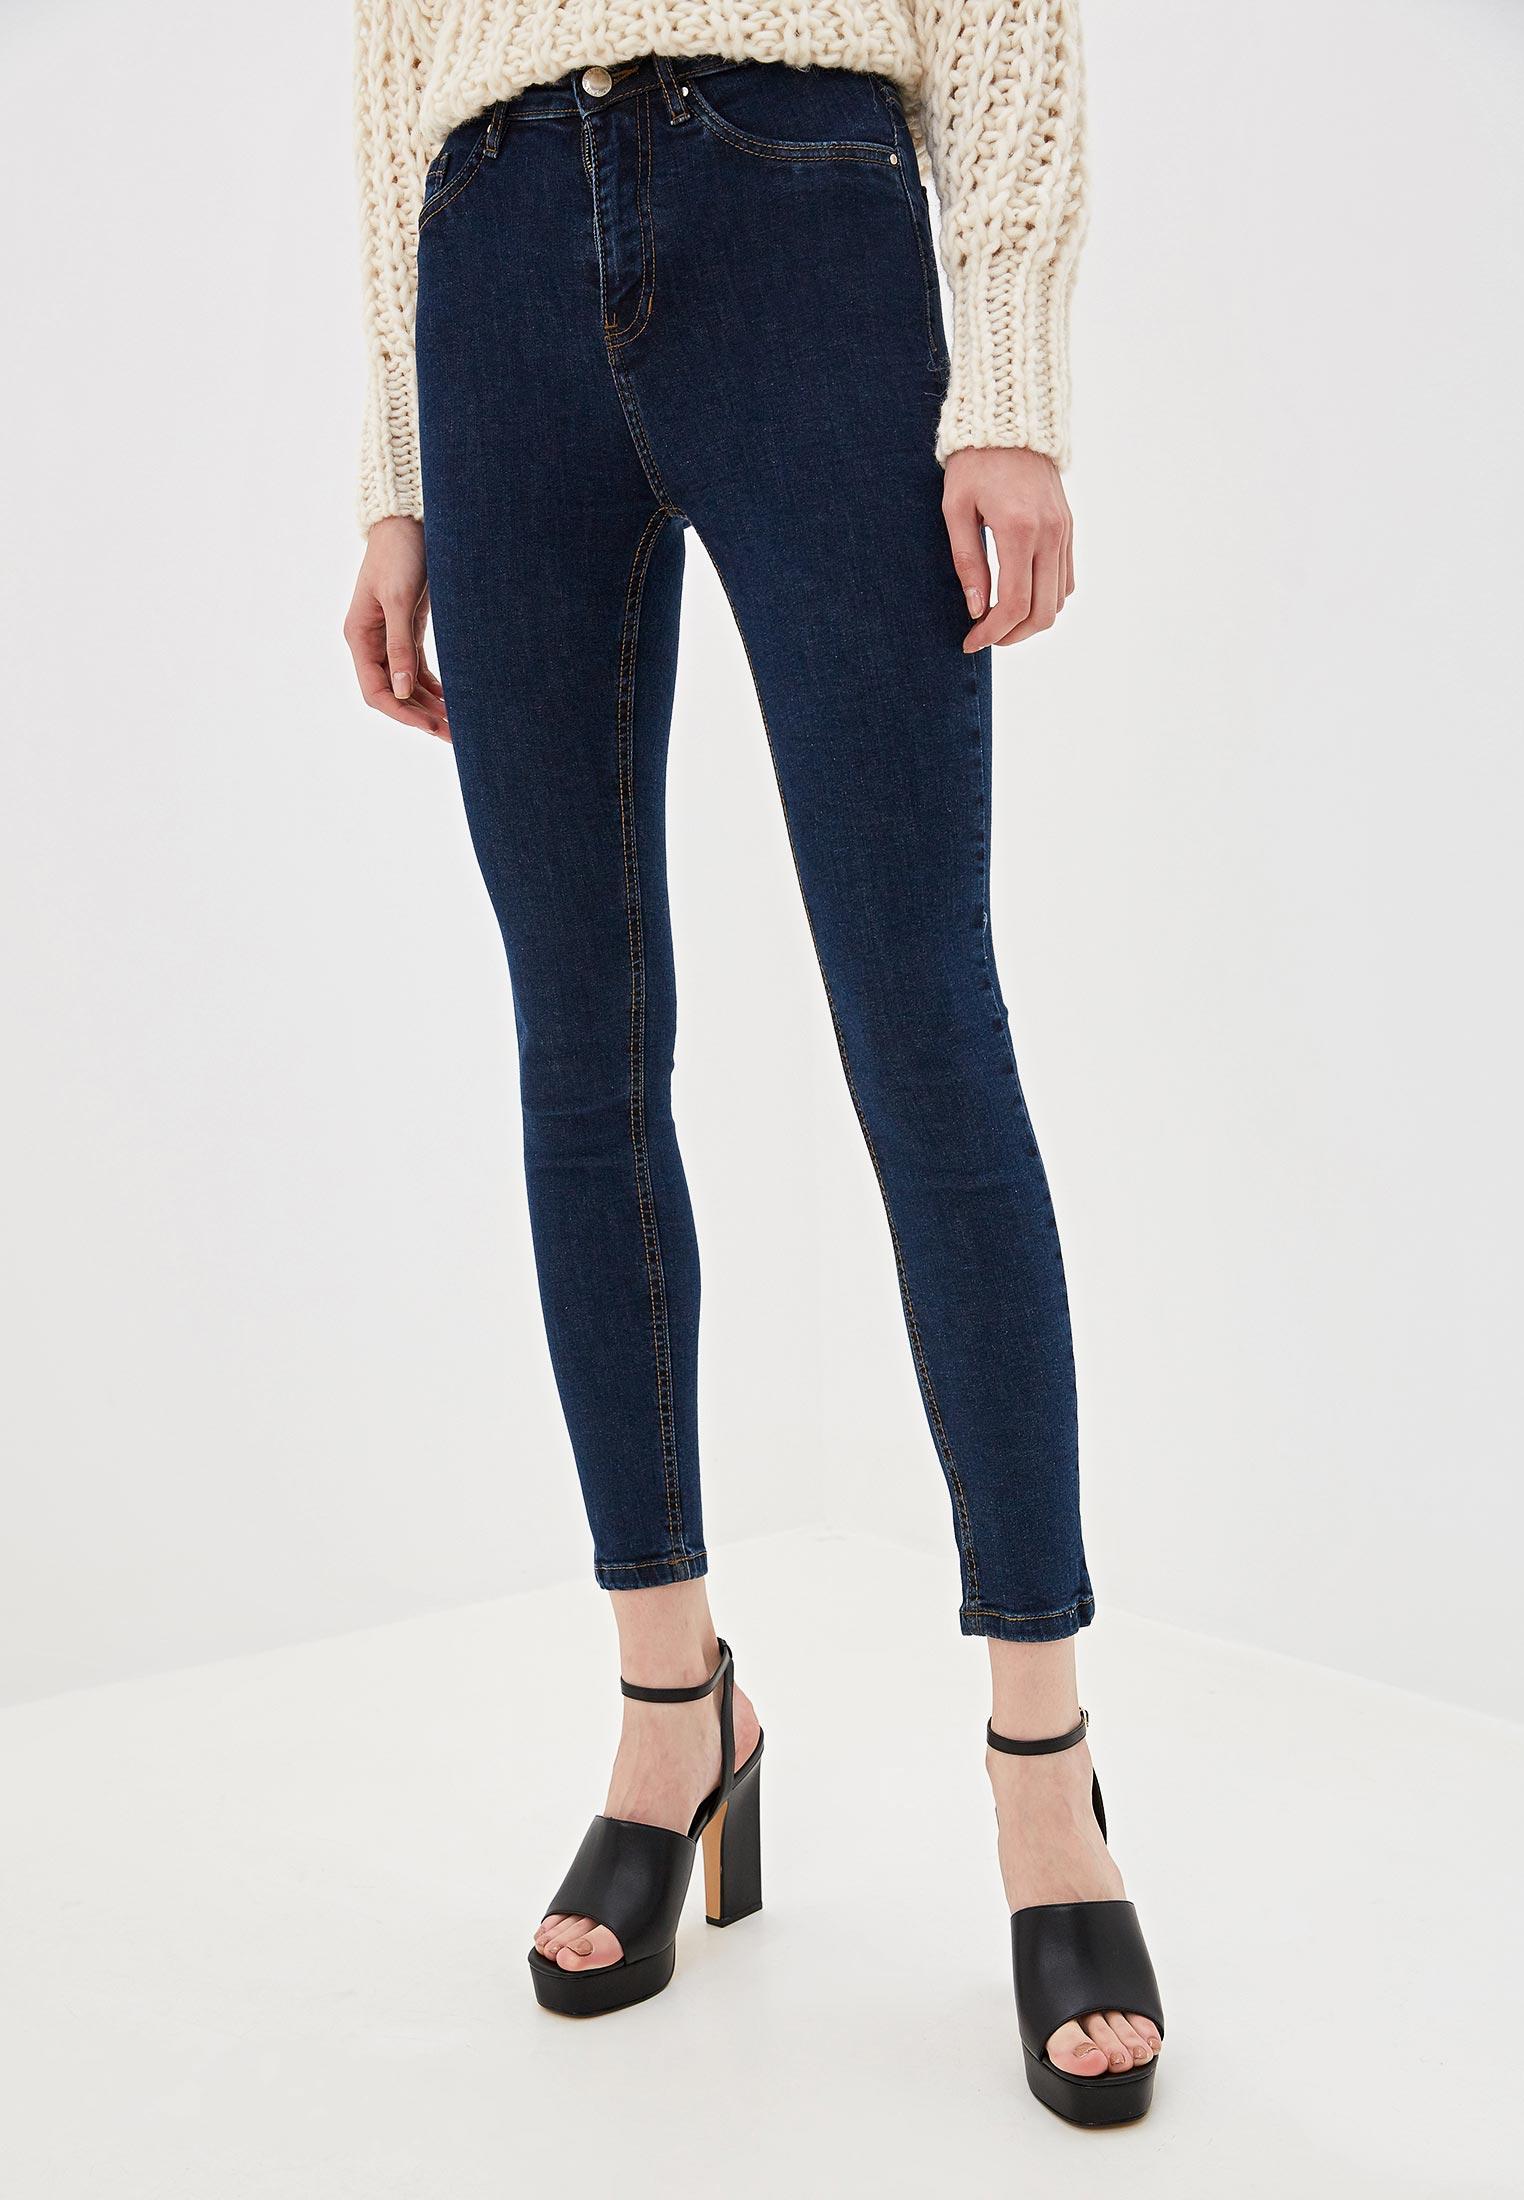 Зауженные джинсы Pink Woman 3004.219